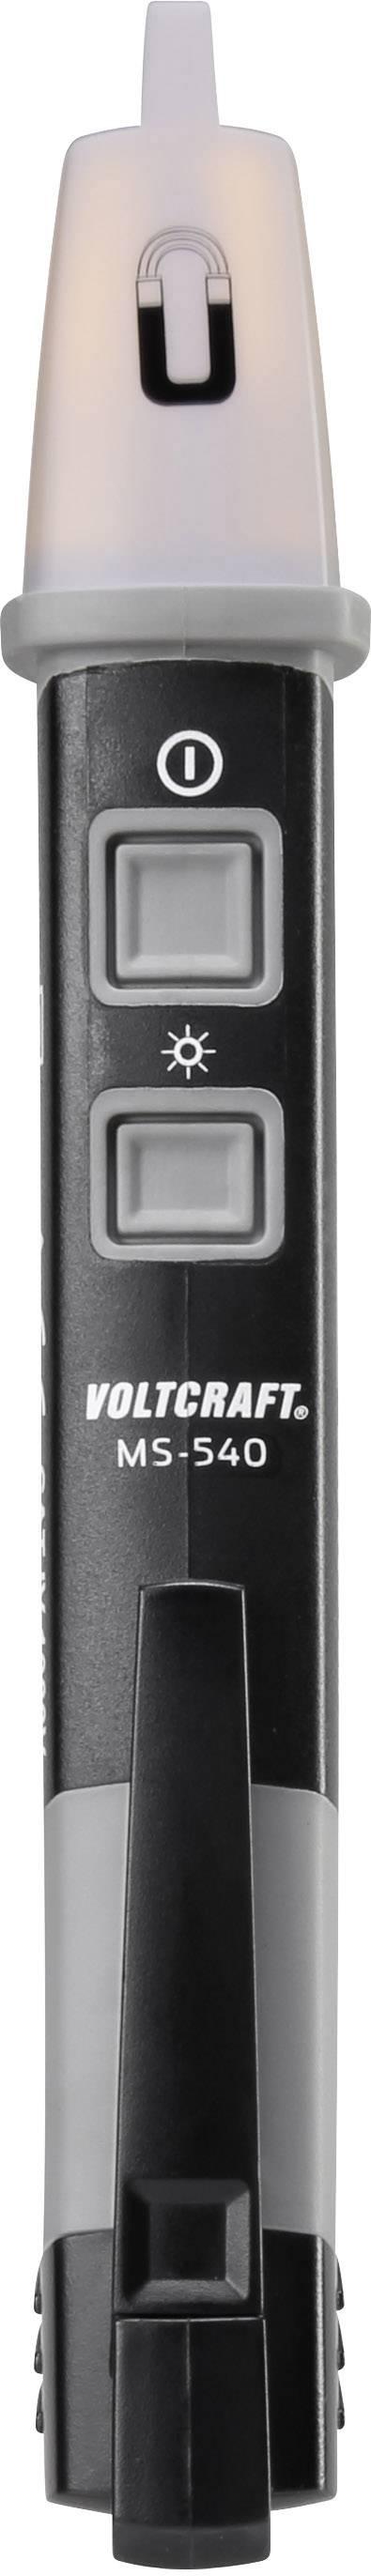 Digitálna skúšačka napätia VOLTCRAFT MS-540, min. meracia hodnota AC 12 V